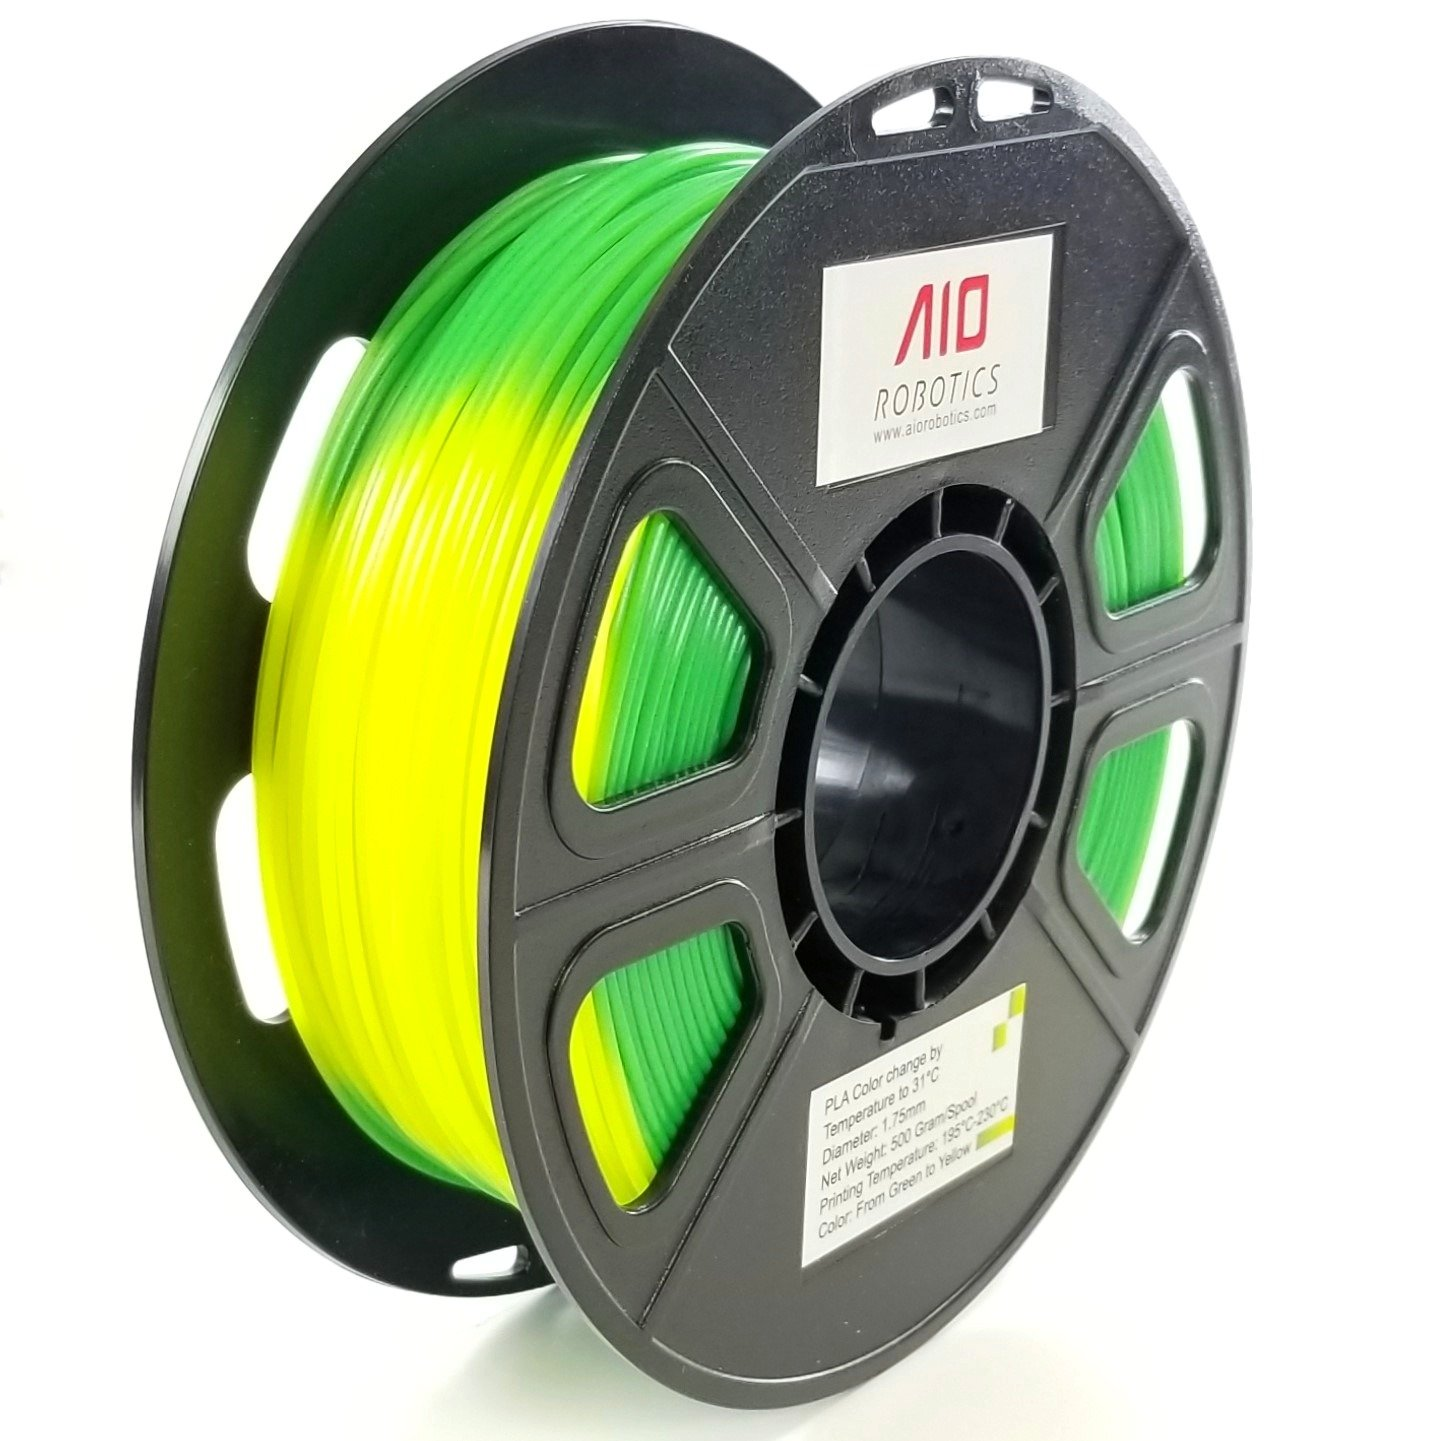 AIO Robotics Premium 3D Drucker Filament, PLA mit Farbwechsel bei Temperaturveränderung, 0,5 kg Spule, Genauigkeit +/- 0,02 mm, Durchmesser 1,75 mm, Gelb/Grün